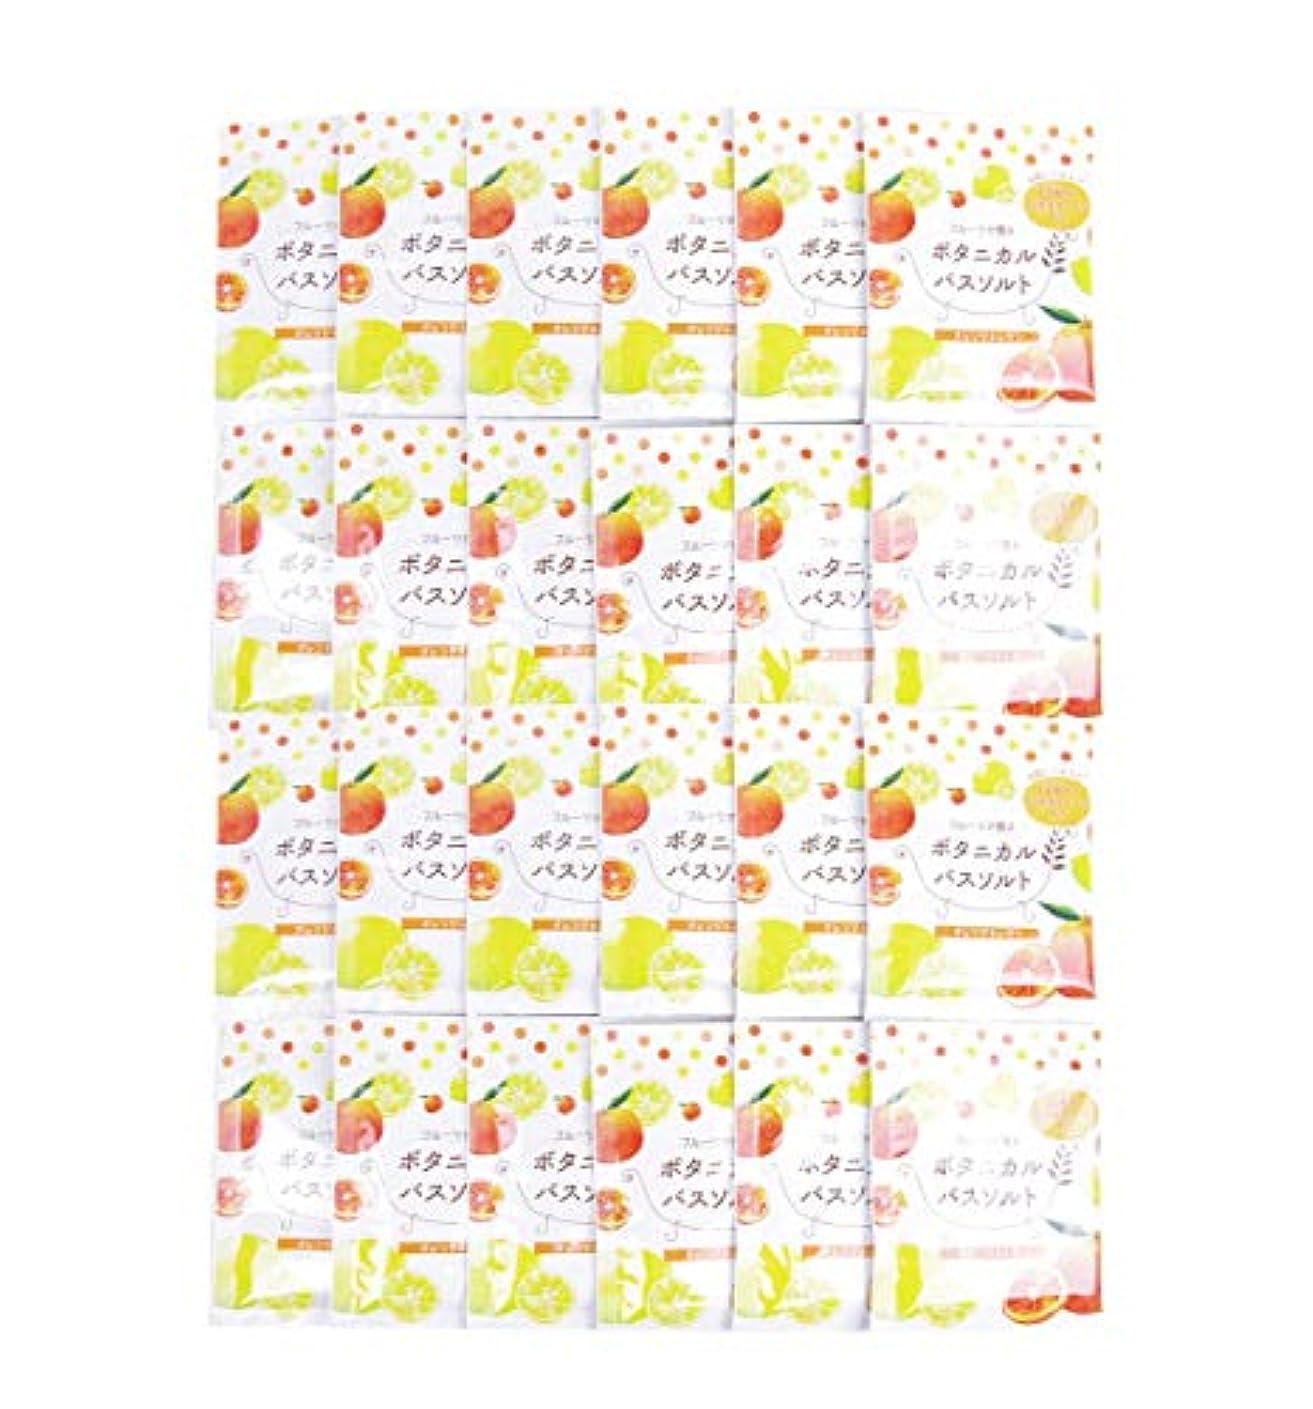 松田医薬品 フルーツが香るボタニカルバスソルト オレンジ&レモン 30g 24個セット